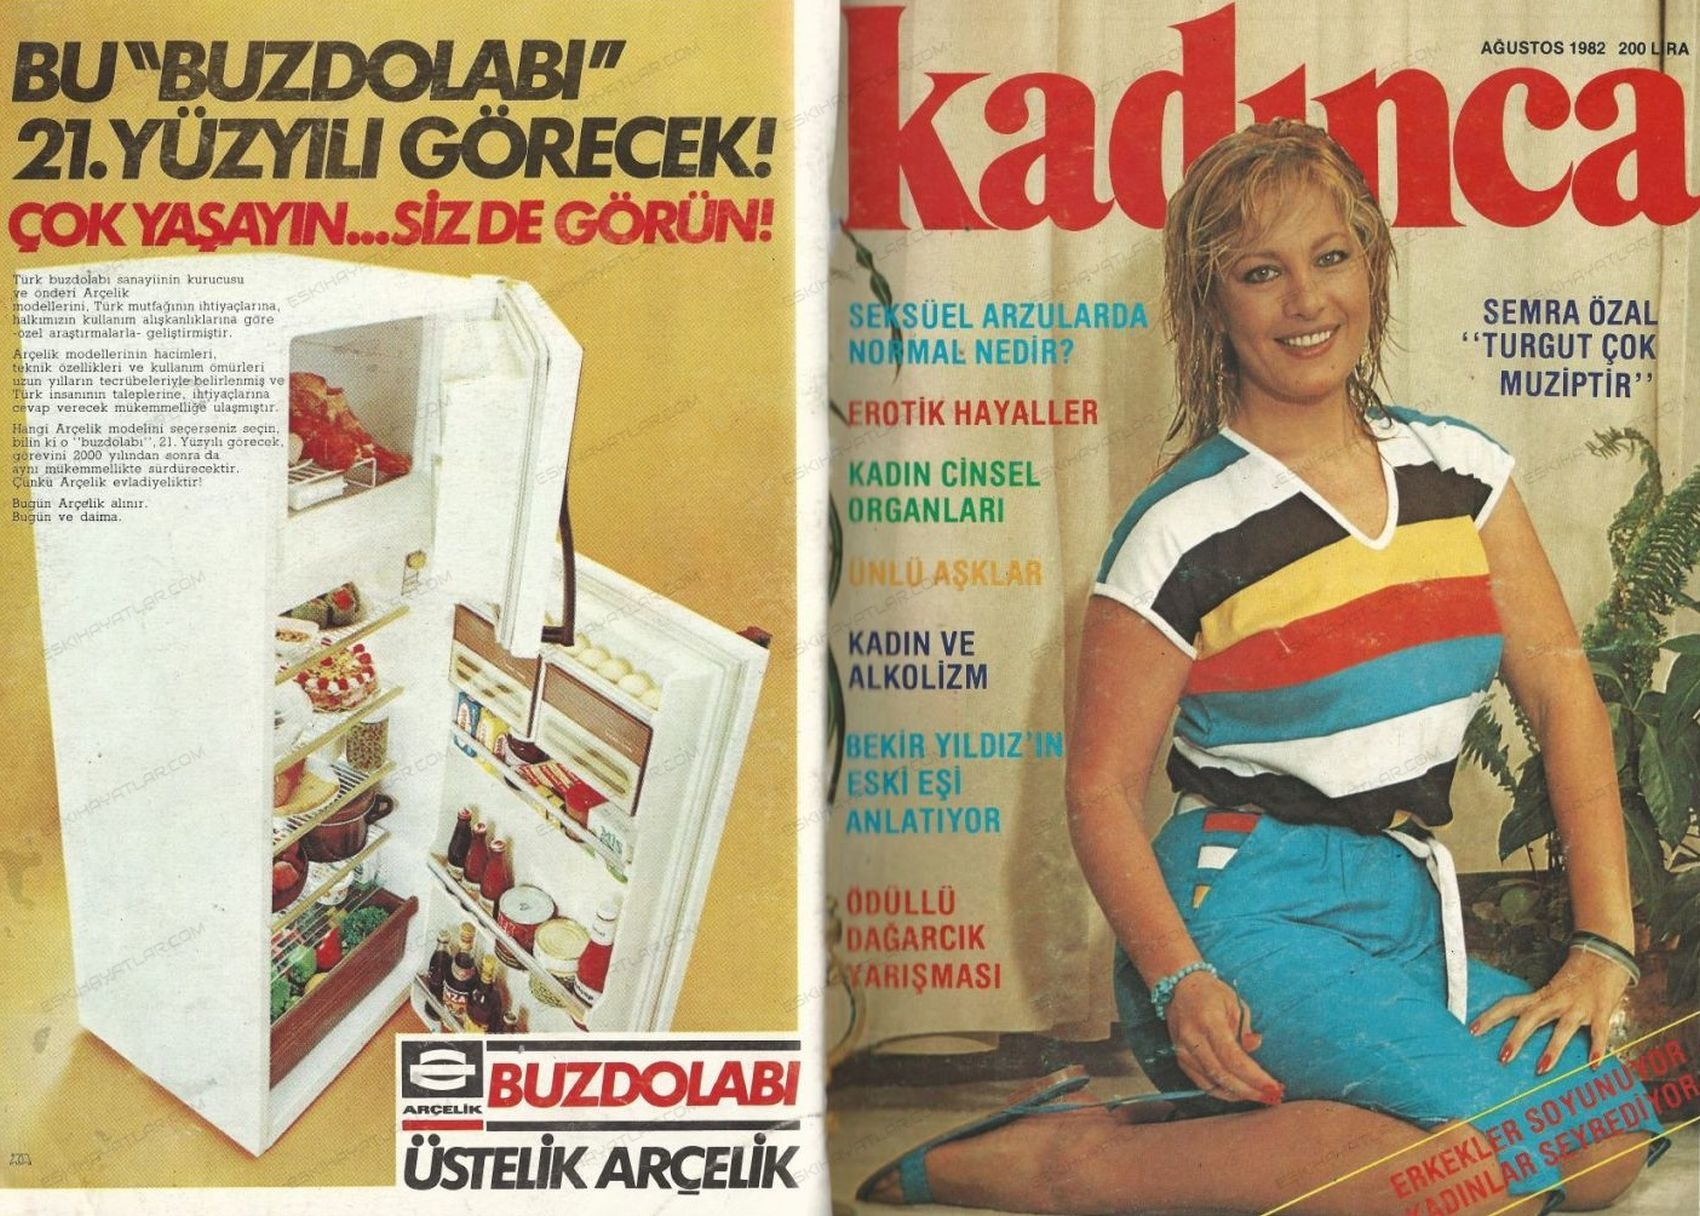 0142-emel-sayin-seksenler-gazino-sevdalilar-albumu-1982-kadinca-dergisi (3)